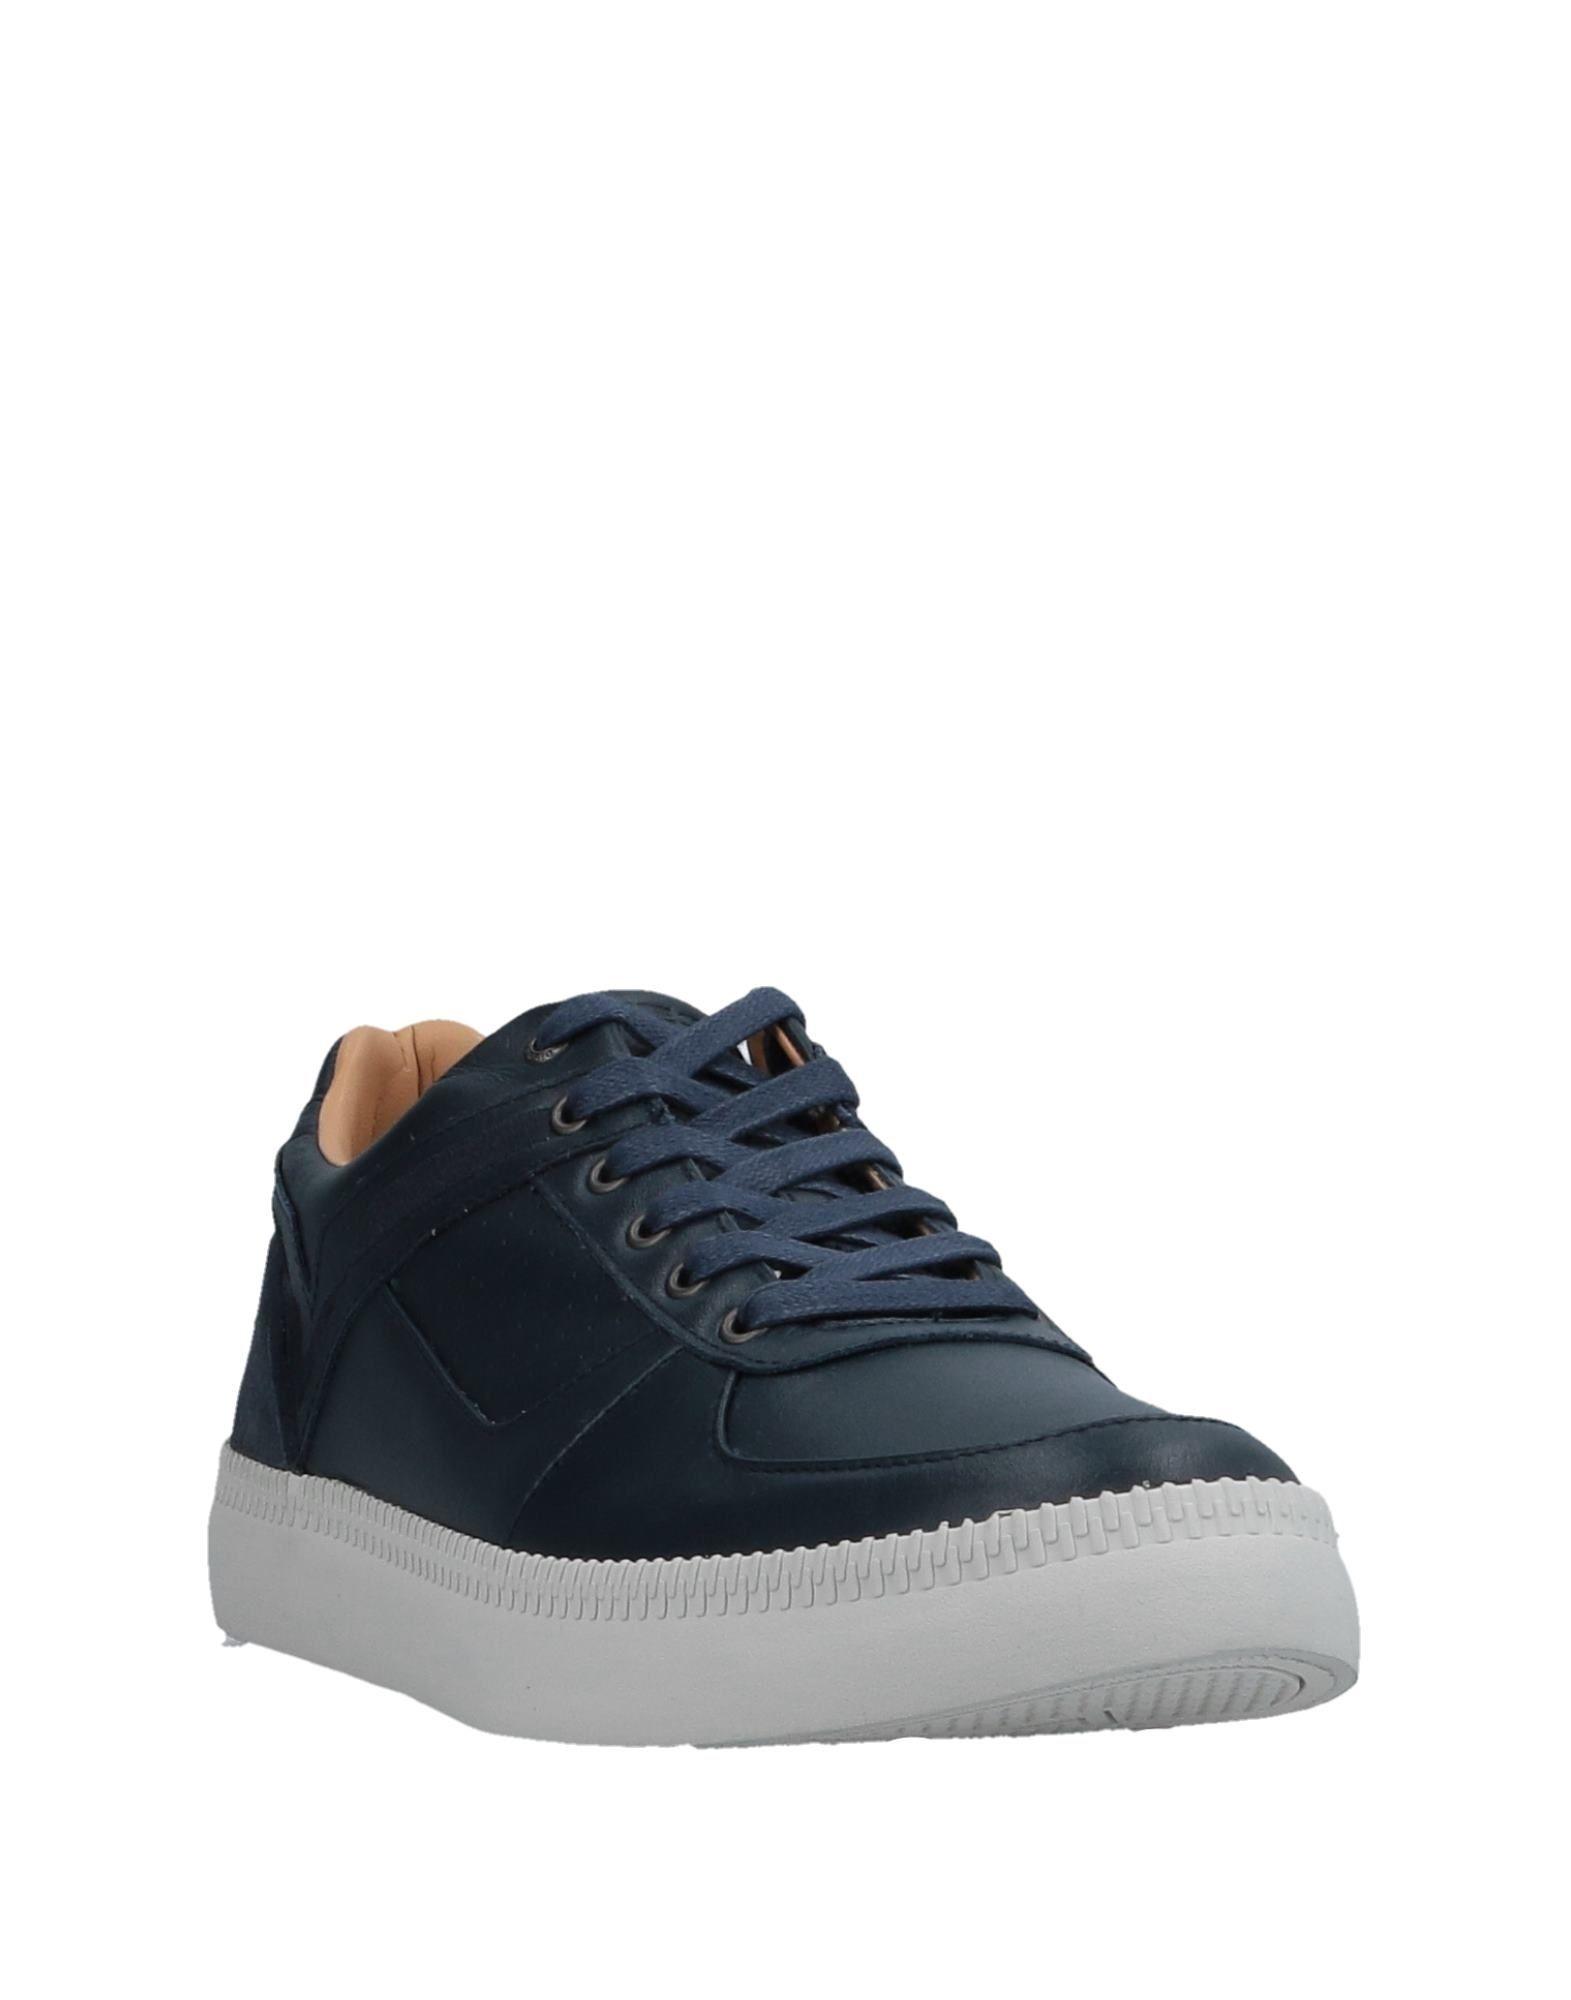 Rabatt echte  Schuhe Diesel Sneakers Herren  echte 11511784VJ 3f6e23